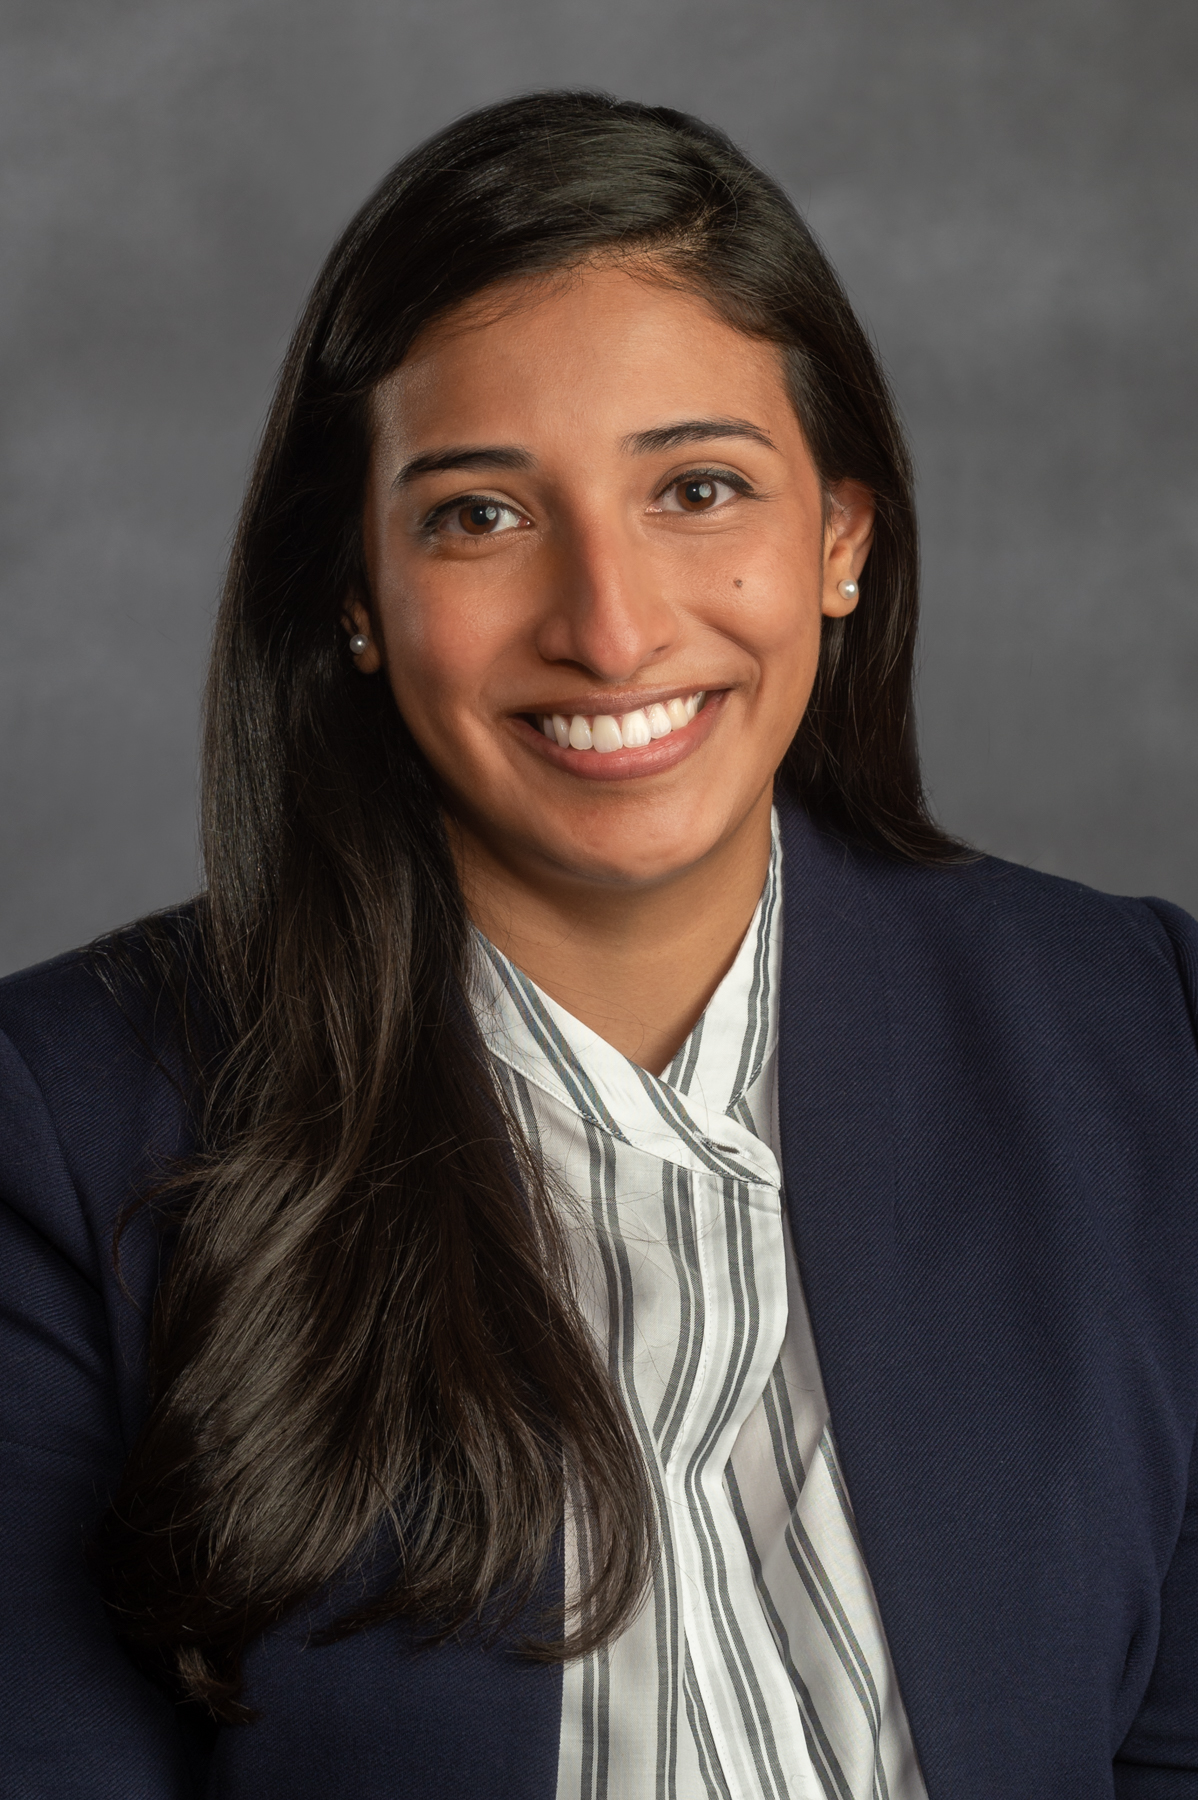 Joanne Maliekel, MD